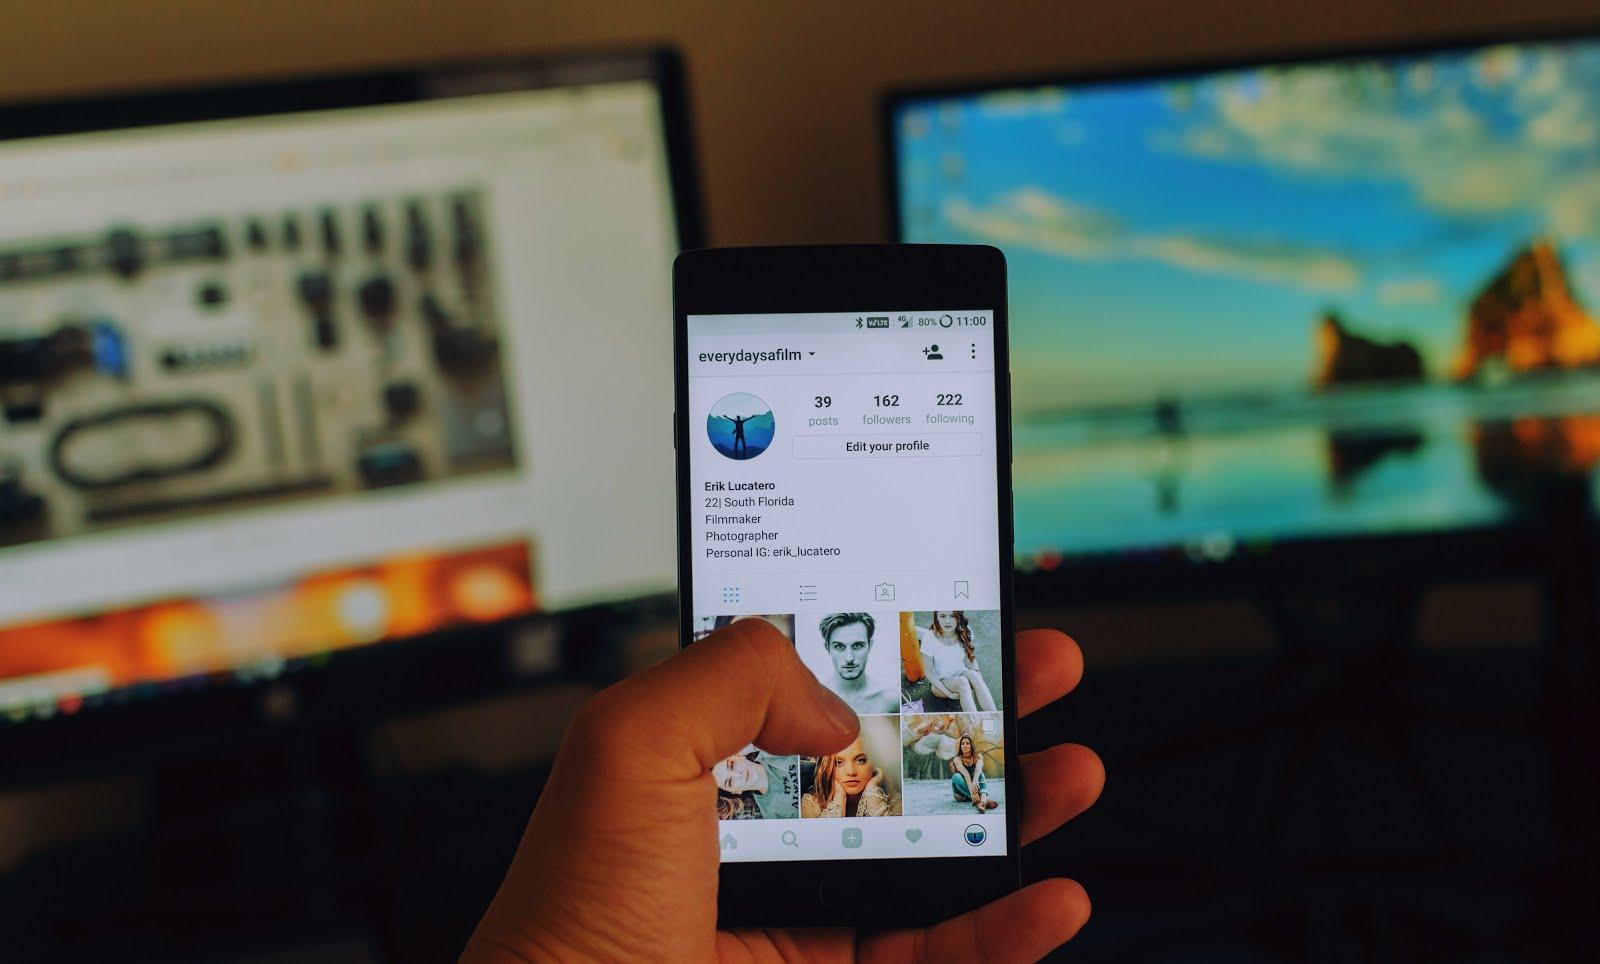 Cara Jitu Menambah Follower Di Instagram Tanpa Aplikasi Ideapers